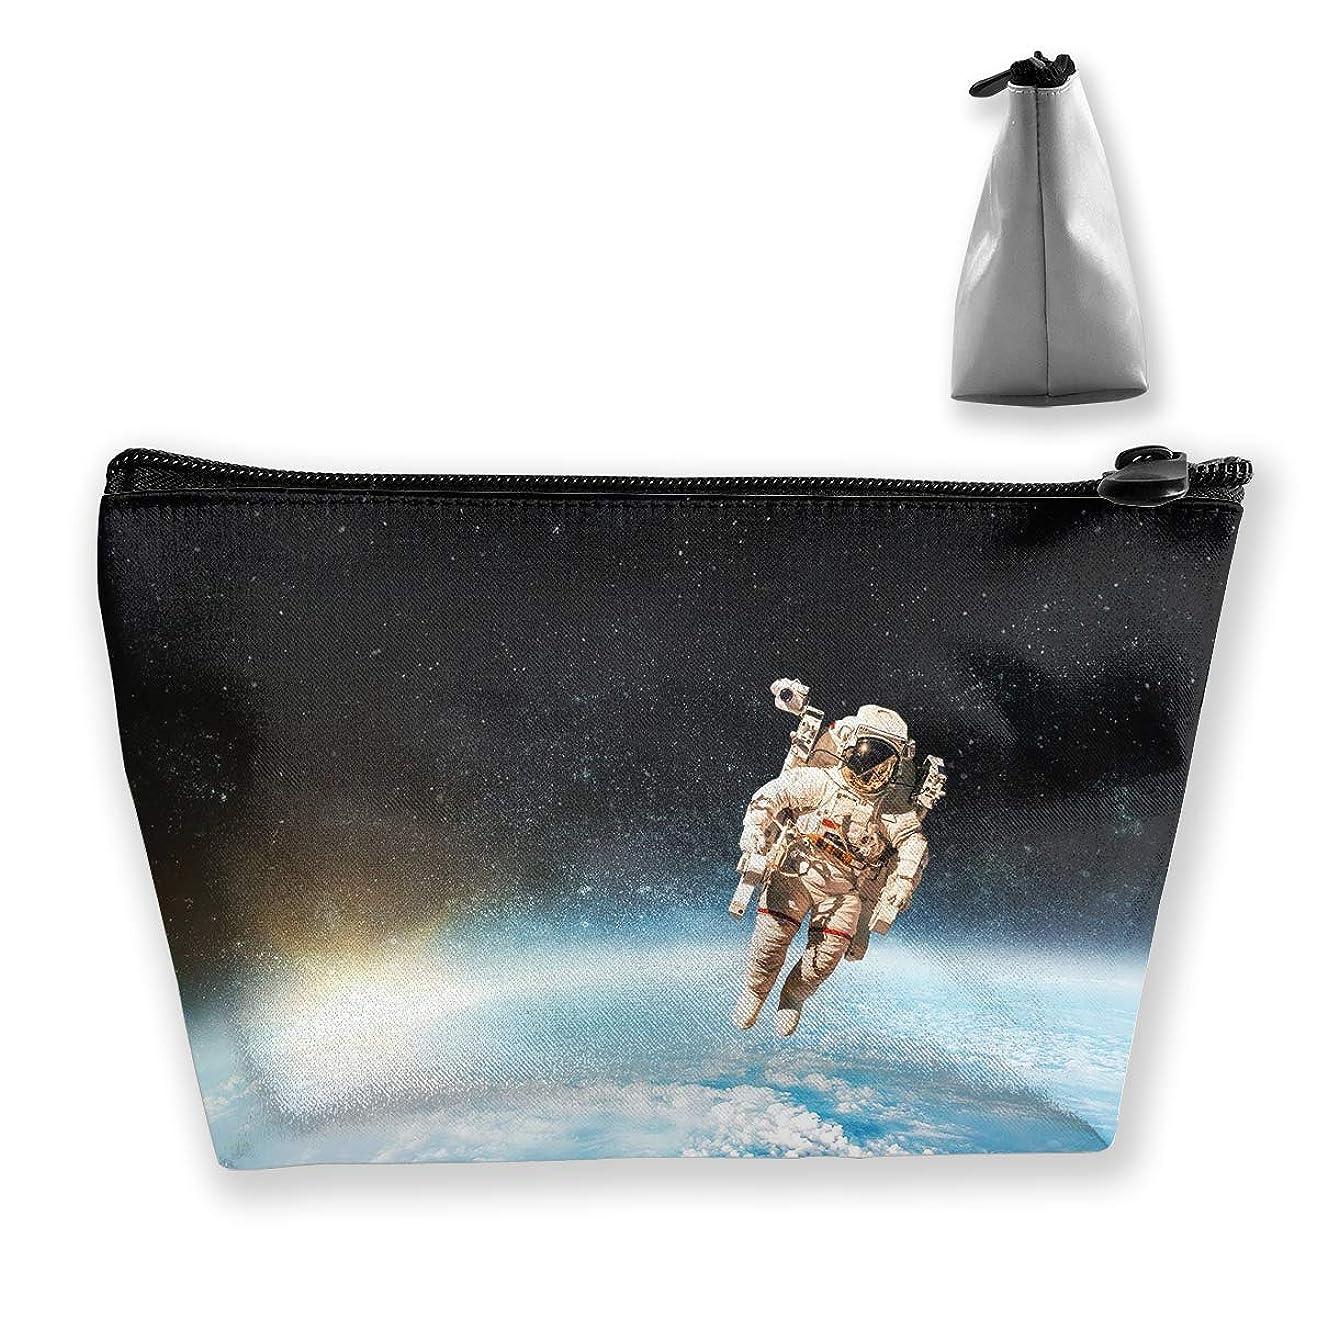 上へ偉業寄付台形 レディース 化粧ポーチ トラベルポーチ 旅行 ハンドバッグ 宇宙飛行士 コスメ メイクポーチ コイン 鍵 小物入れ 化粧品 収納ケース